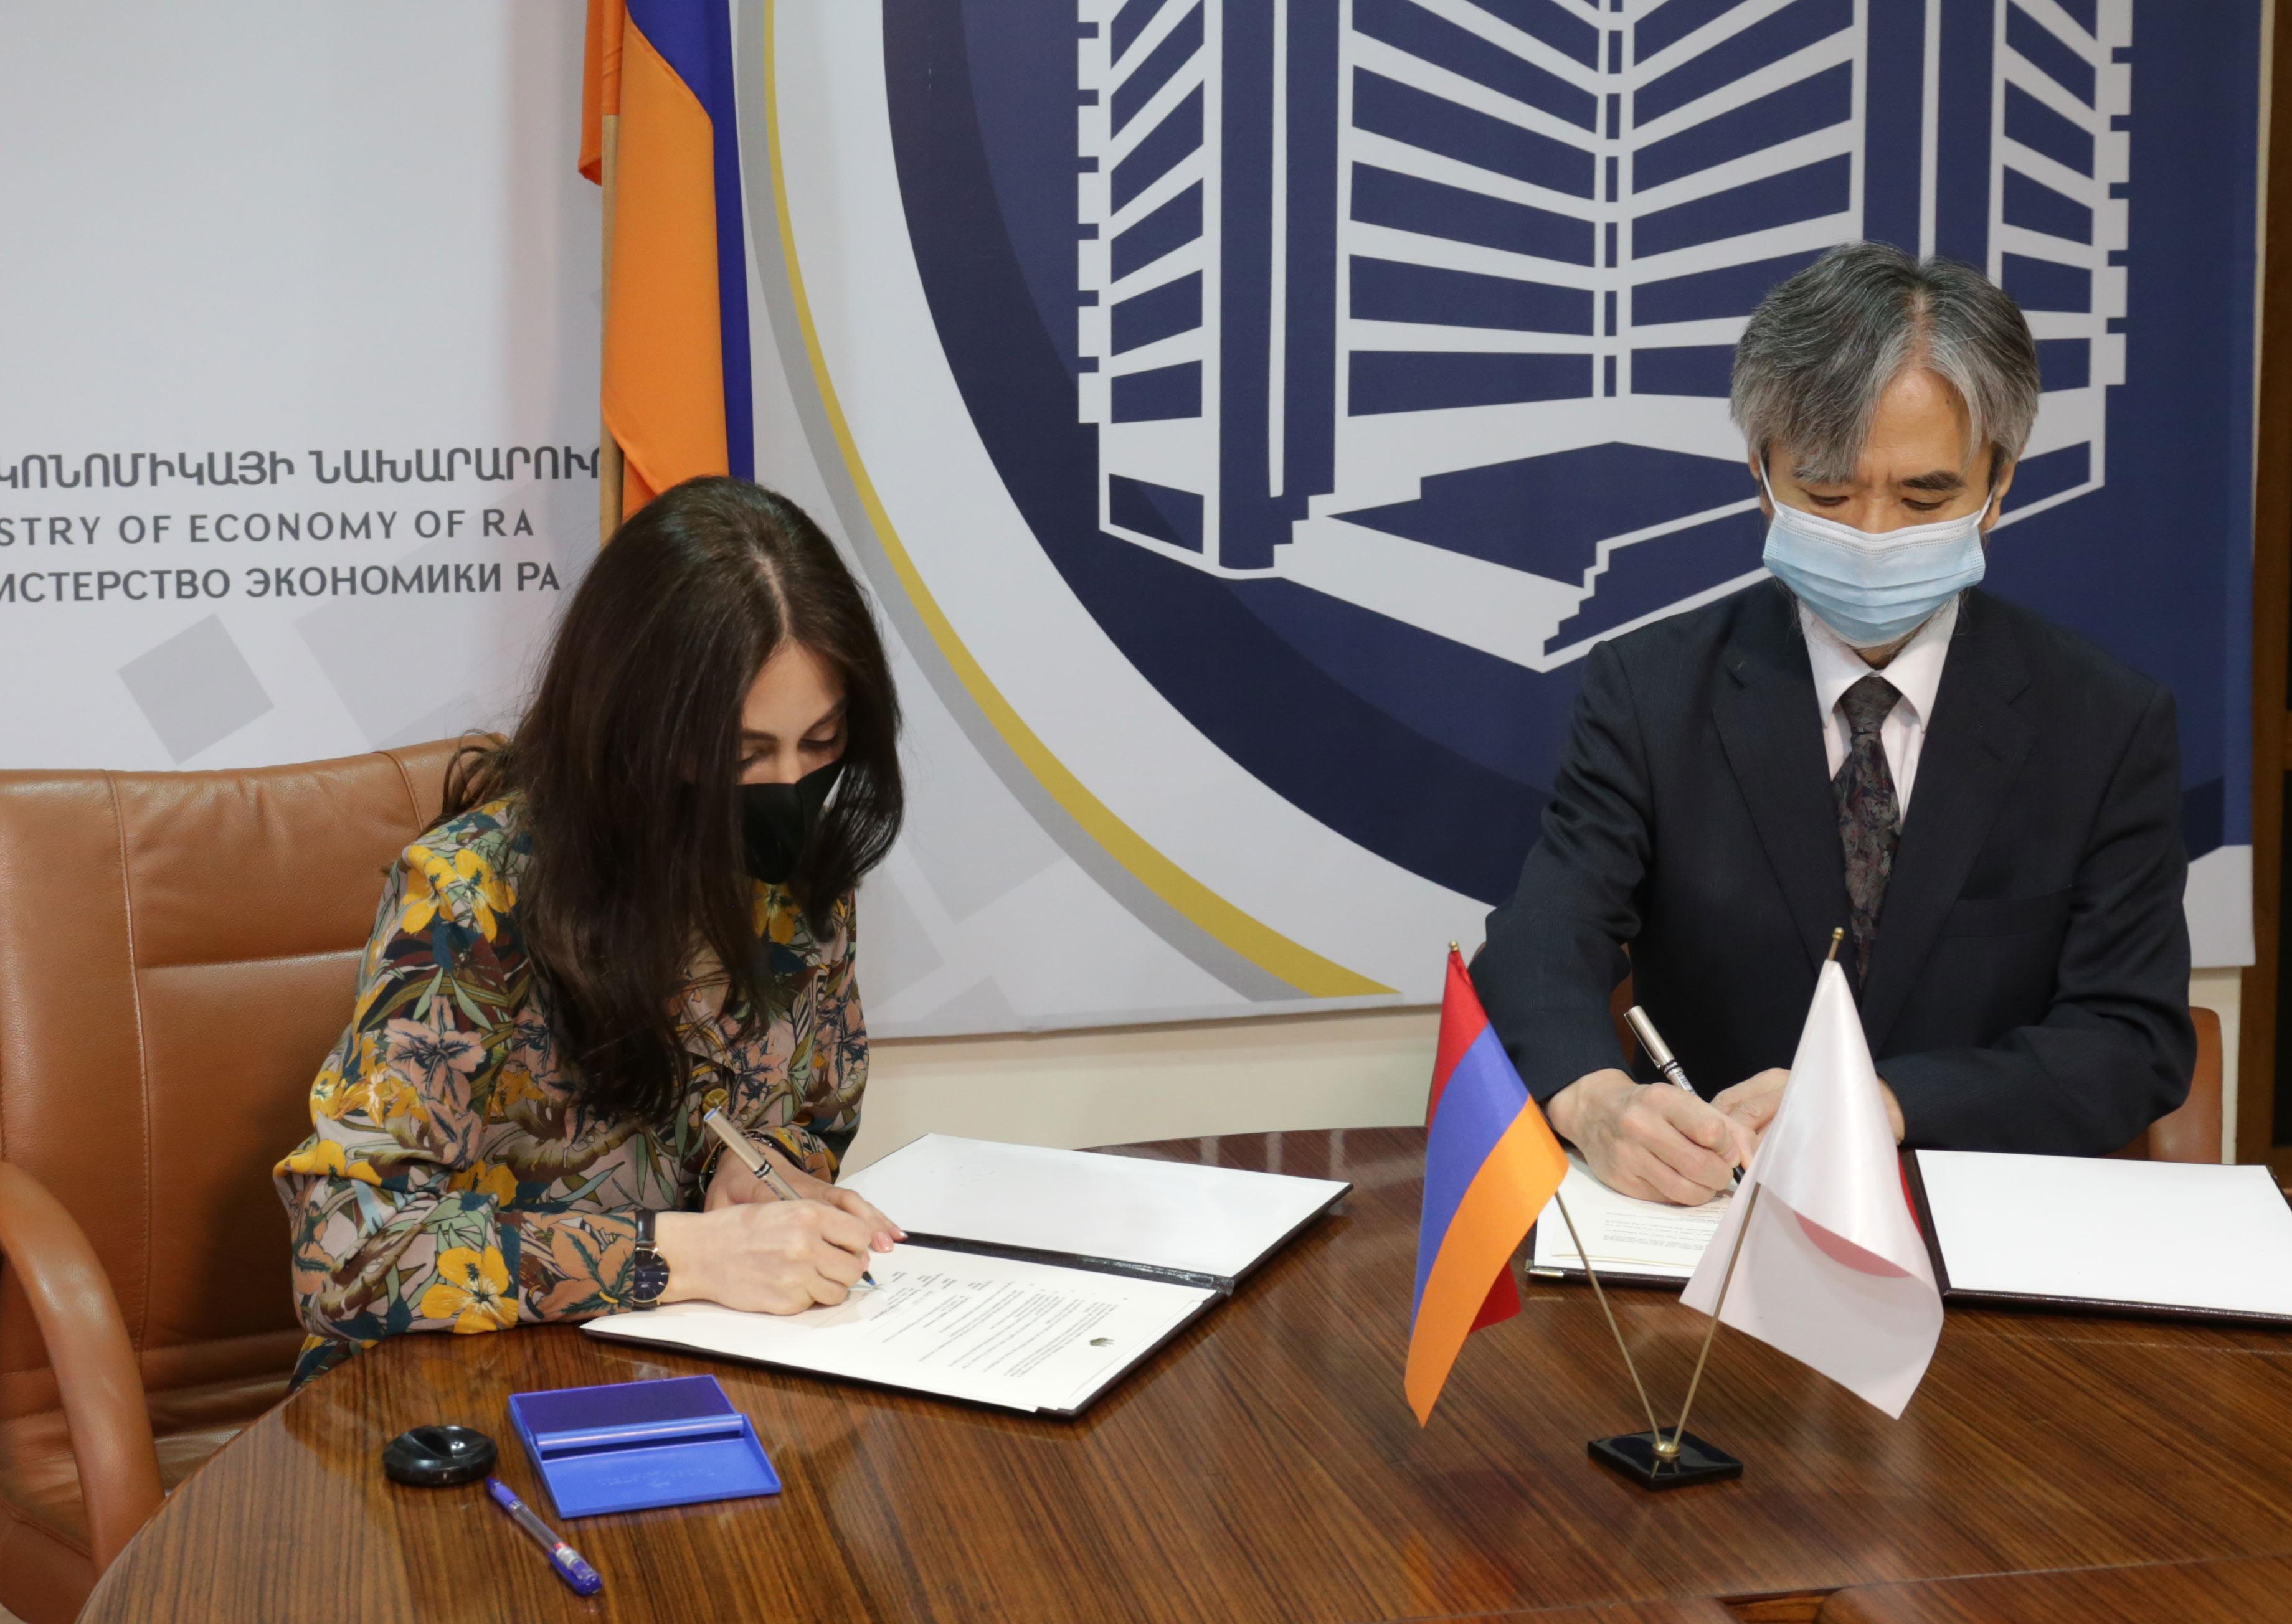 ՀՀ էկոնոմիկայի նախարարությունում ստորագրվել է Ճապոնիայի կառավարության կողմից Հայաստանին հատկացվող օժանդակության երկու ծրագիր